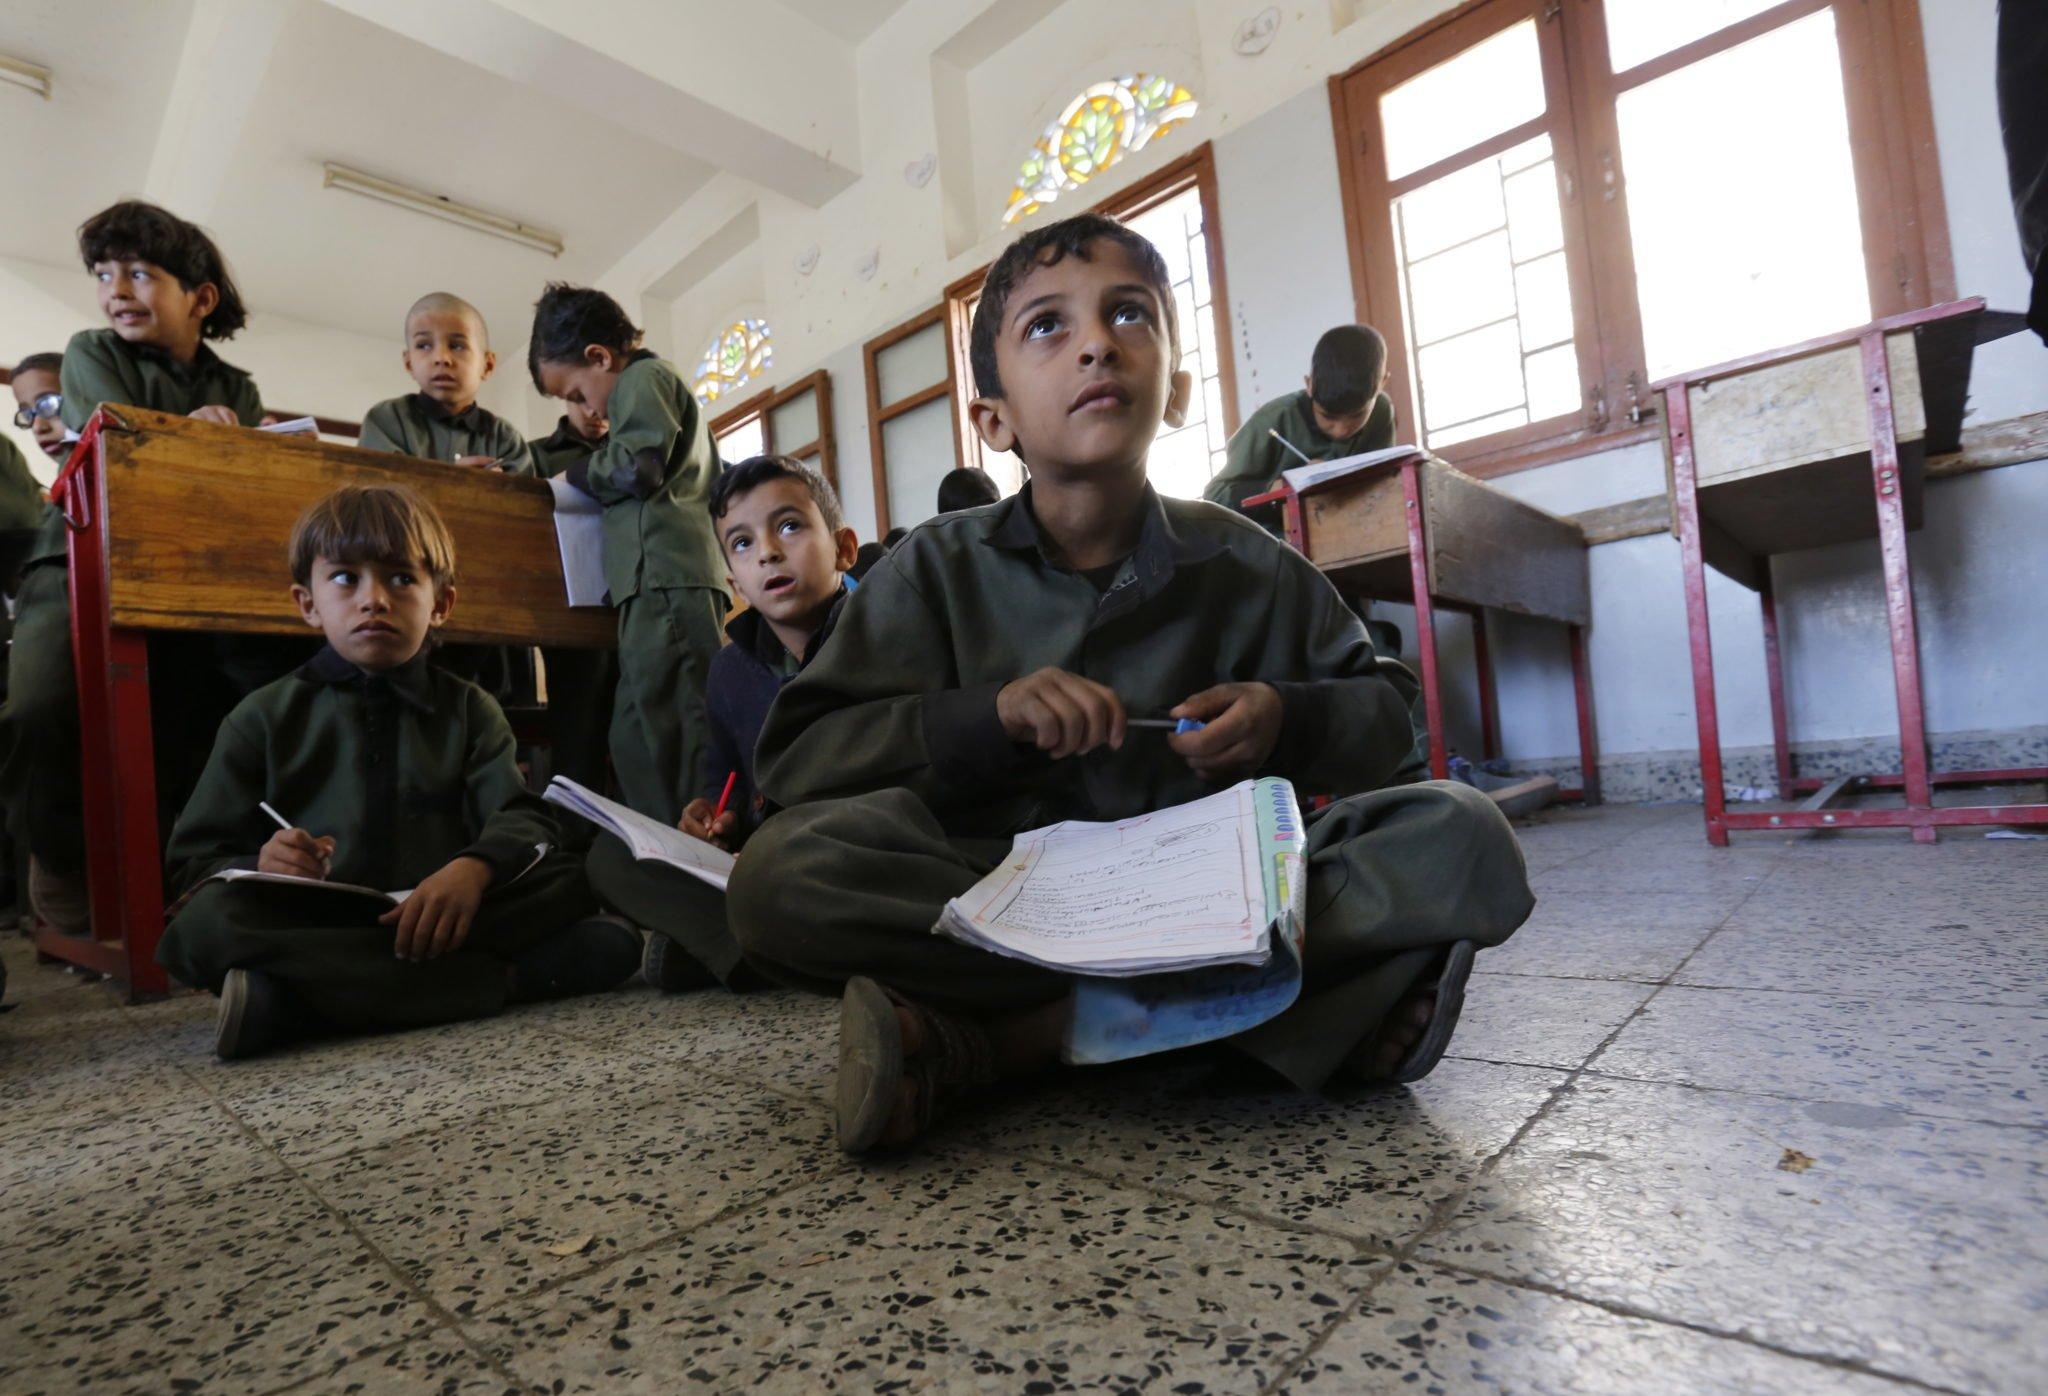 Sana: jemeńscy uczniowie w szkole prowadzonej w ramach programu UNICEF-WFP fot. YAHYA ARHAB, PAP/EPA.